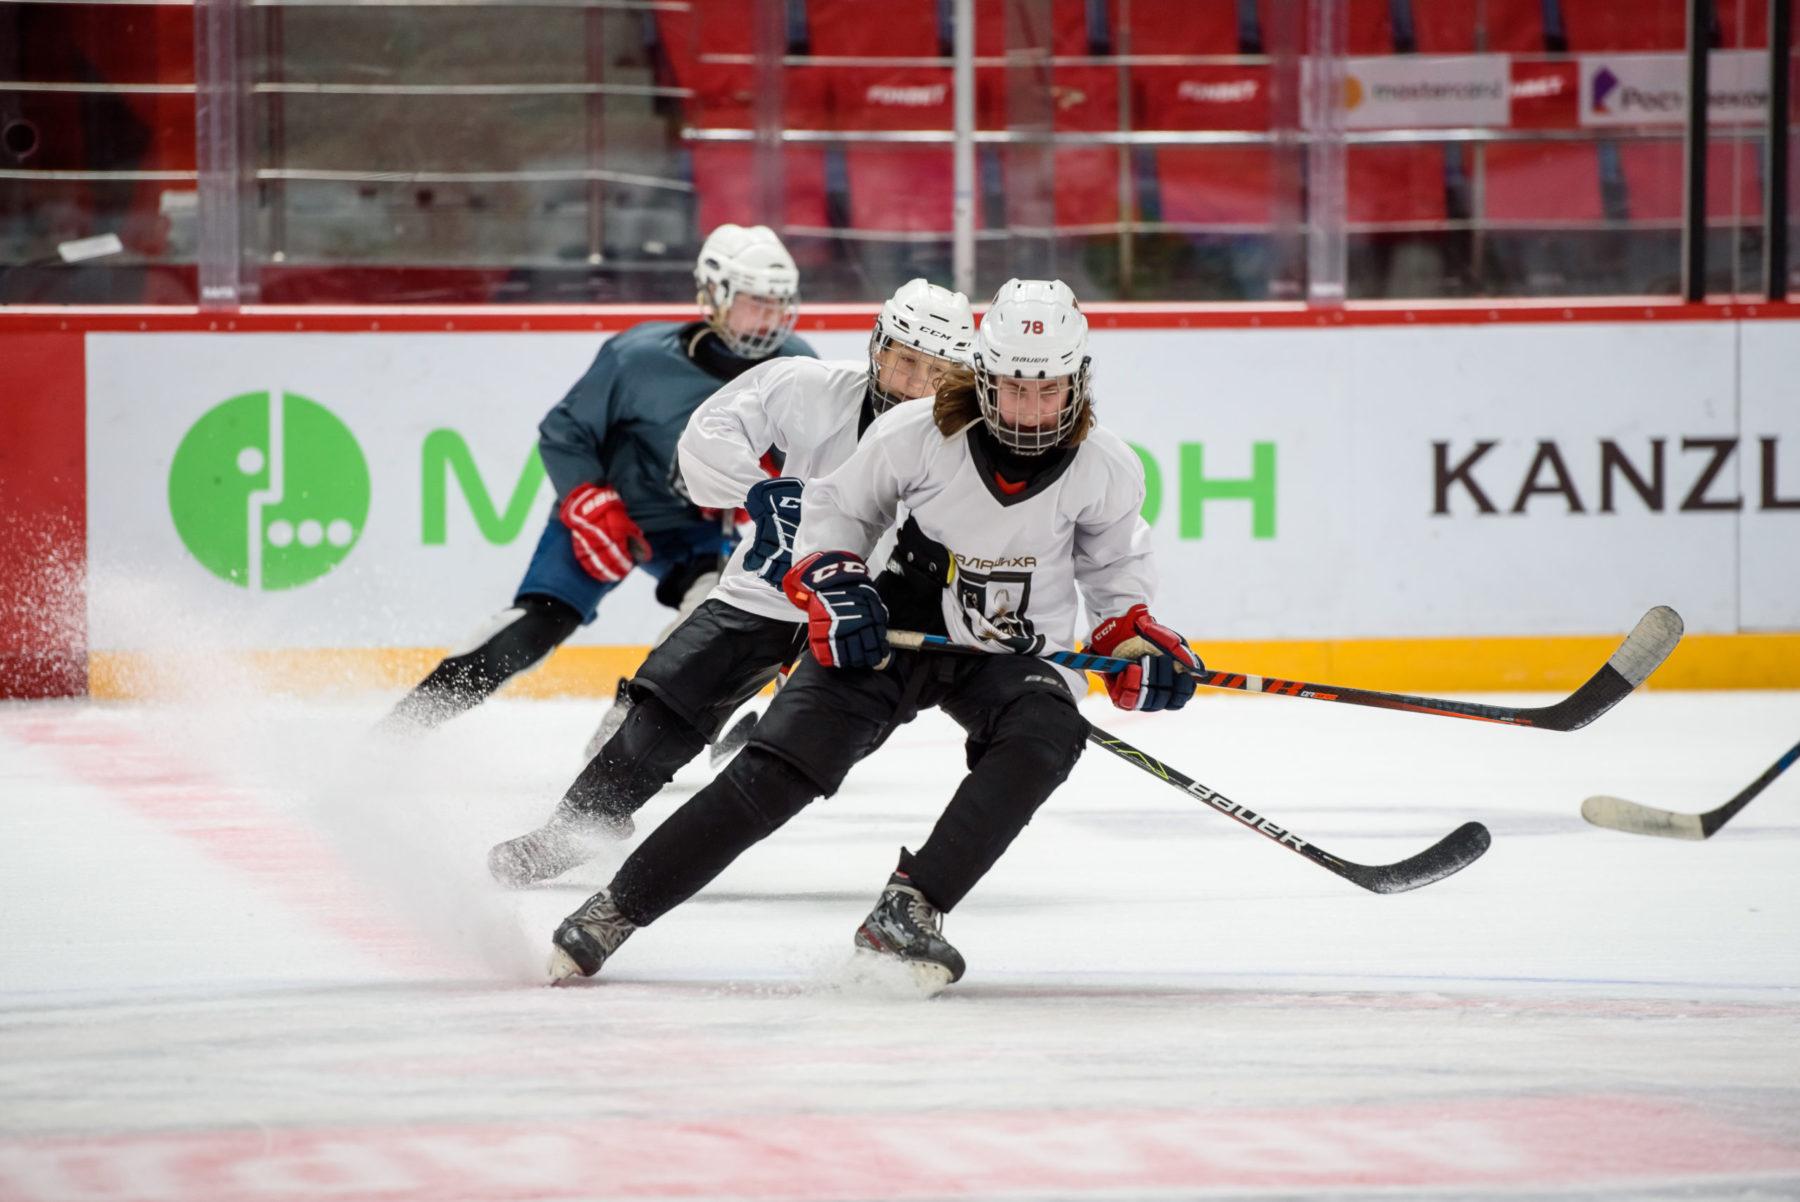 Около 300 юных хоккеистов занимаются в спортшколе имени Юрия Ляпкина в Балашихе